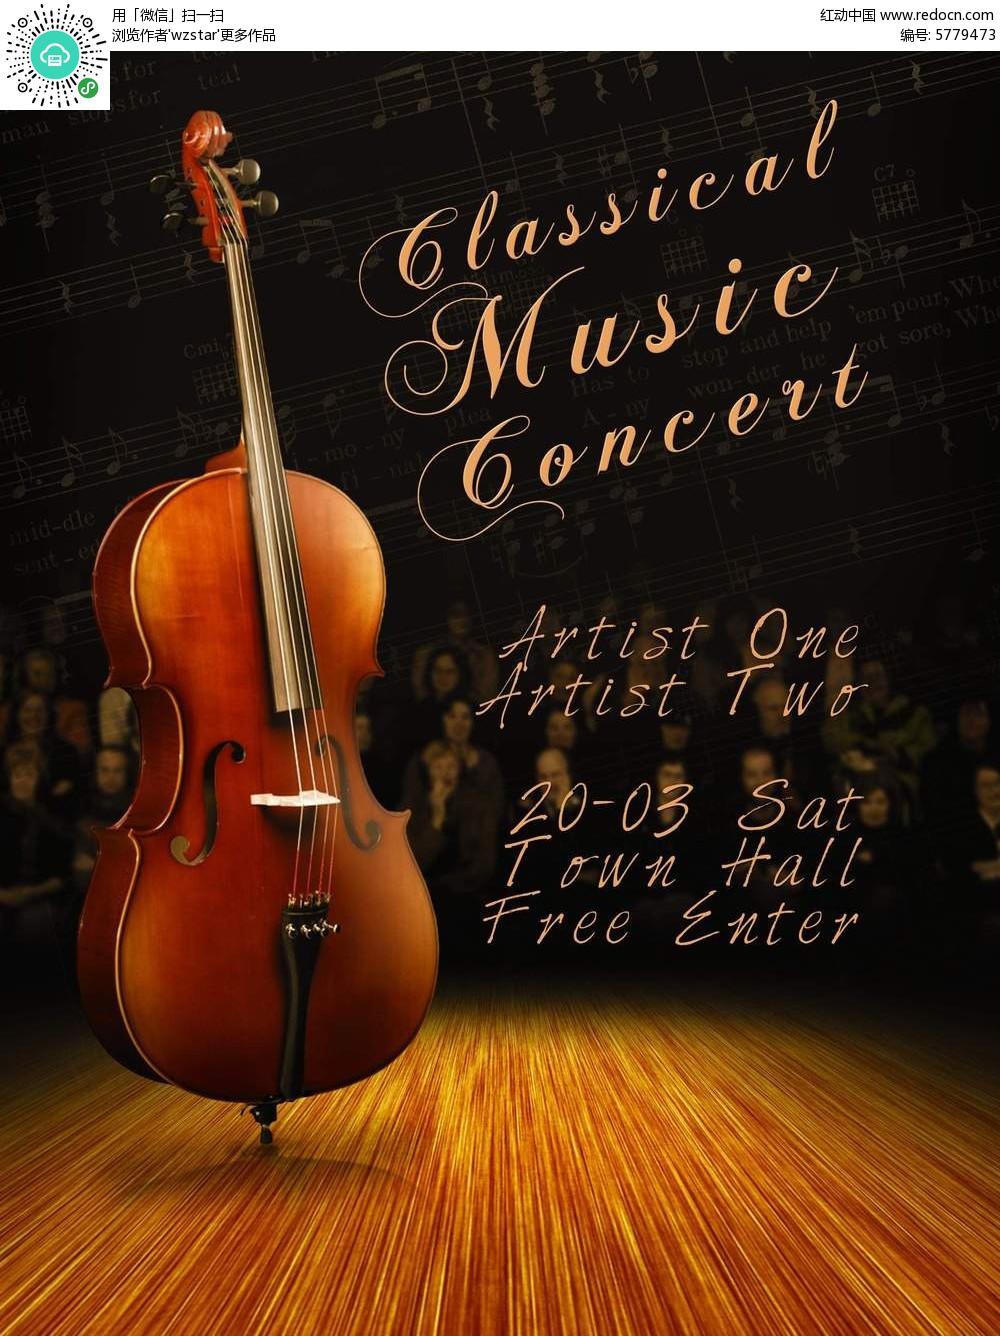 大提琴演奏会海报